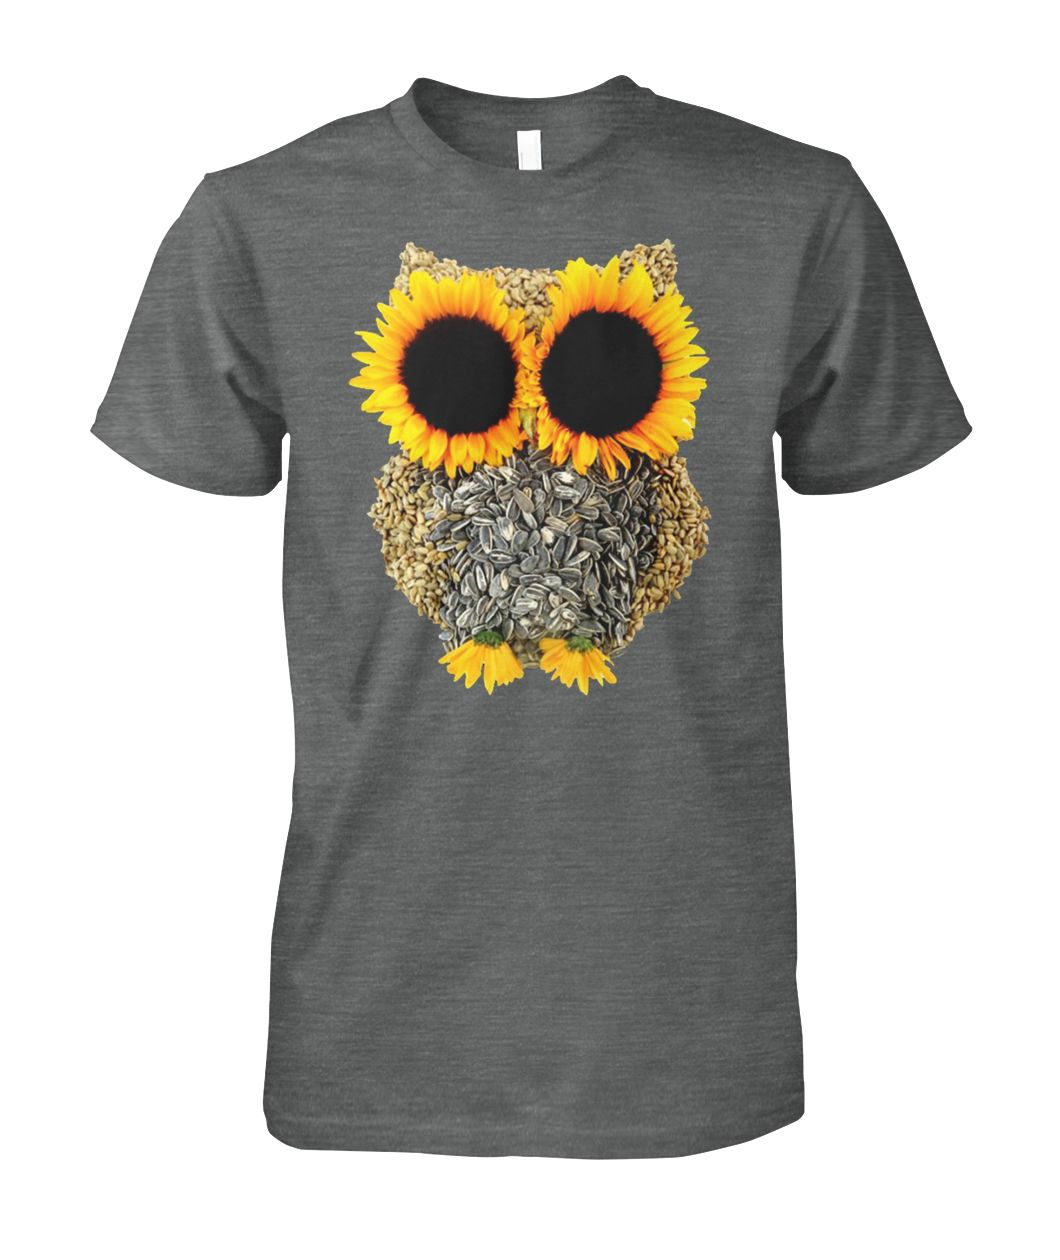 [Hot version] Owl sunflower shirt